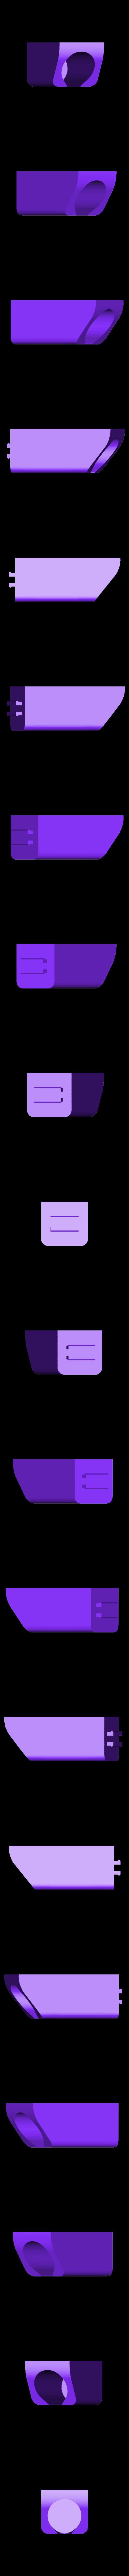 IPAHolder_Single_BMount_v1.stl Télécharger fichier STL gratuit IPA/support de flacon pulvérisateur de solvant pour l'extrusion V-Slot 2020 • Design à imprimer en 3D, Daeraxa